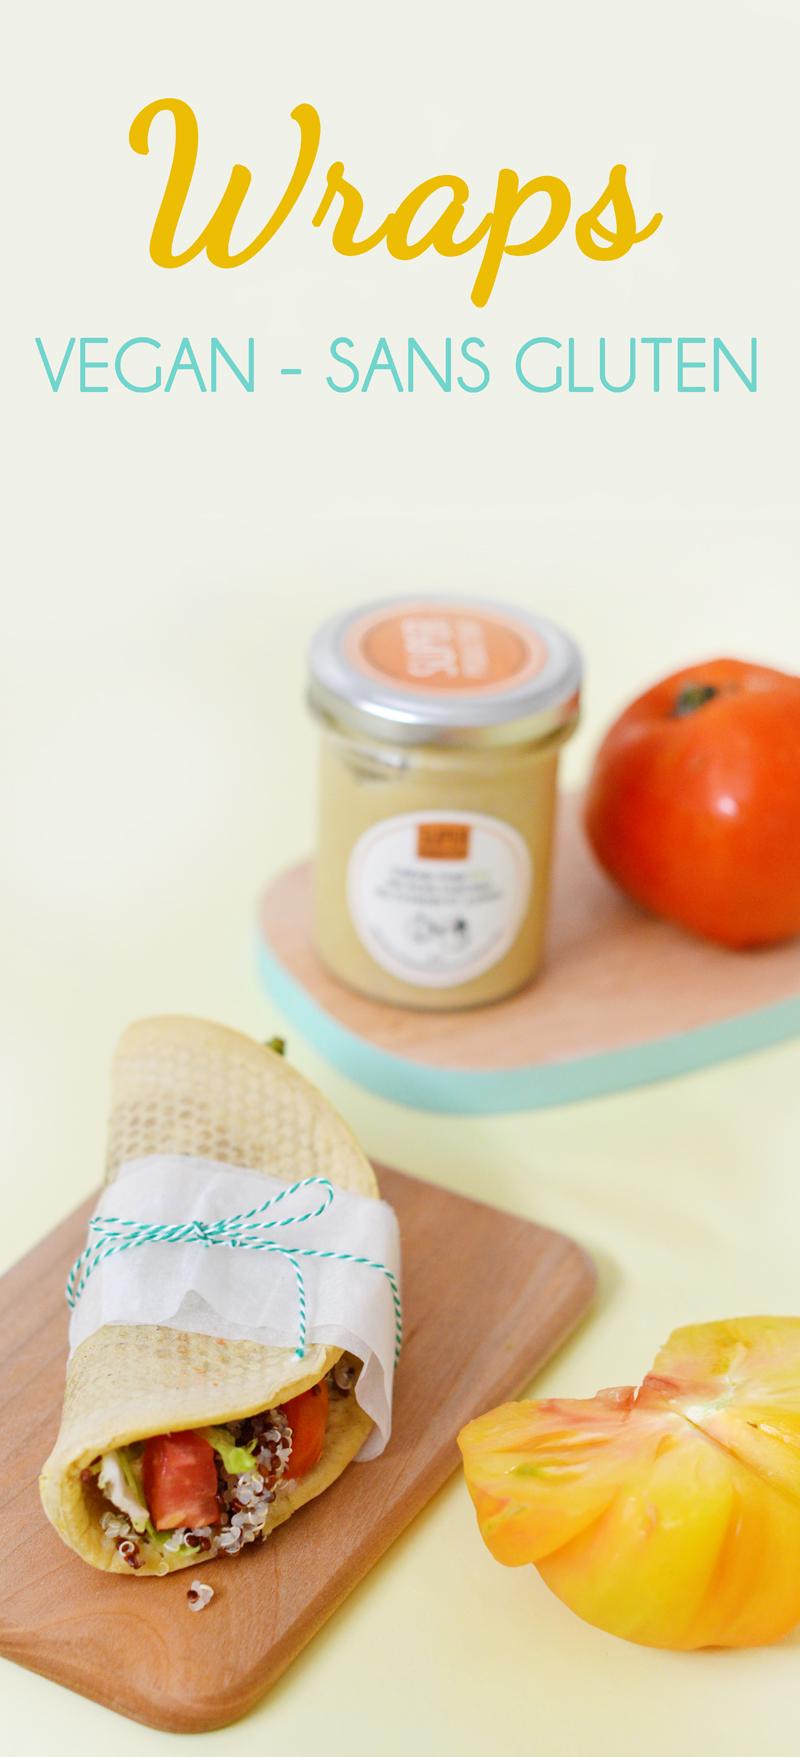 Une recette simplissime et pratique + la découverte des tartinades Superproducteur // Wraps vegan et sans gluten aux légumes et au quinoa